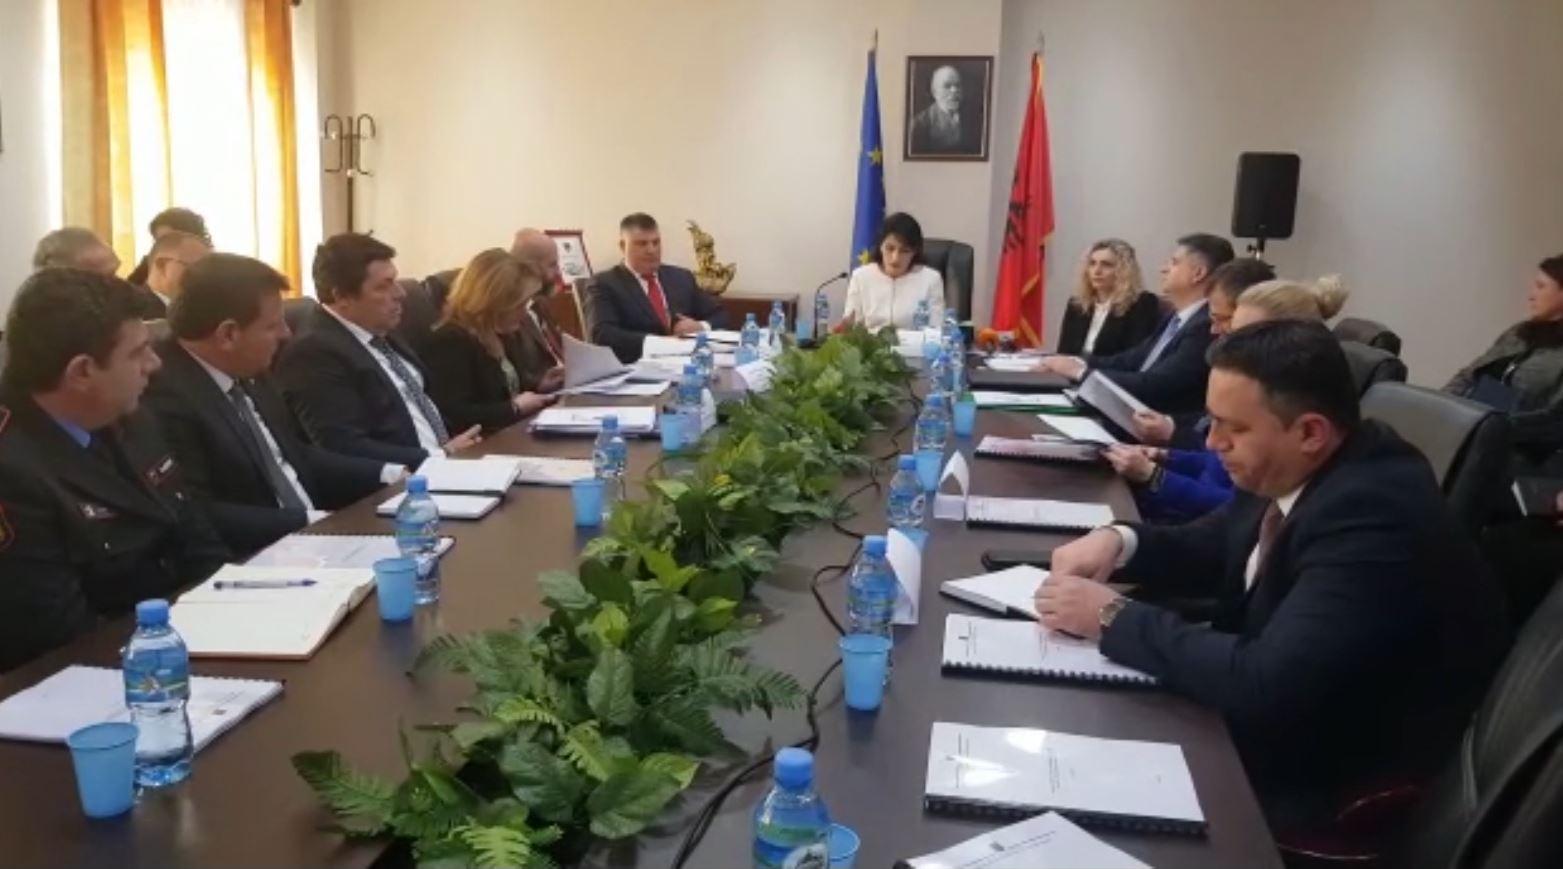 Arta Marku në Durrës: Mungesa në ligj për të ndëshkuar prokurorët